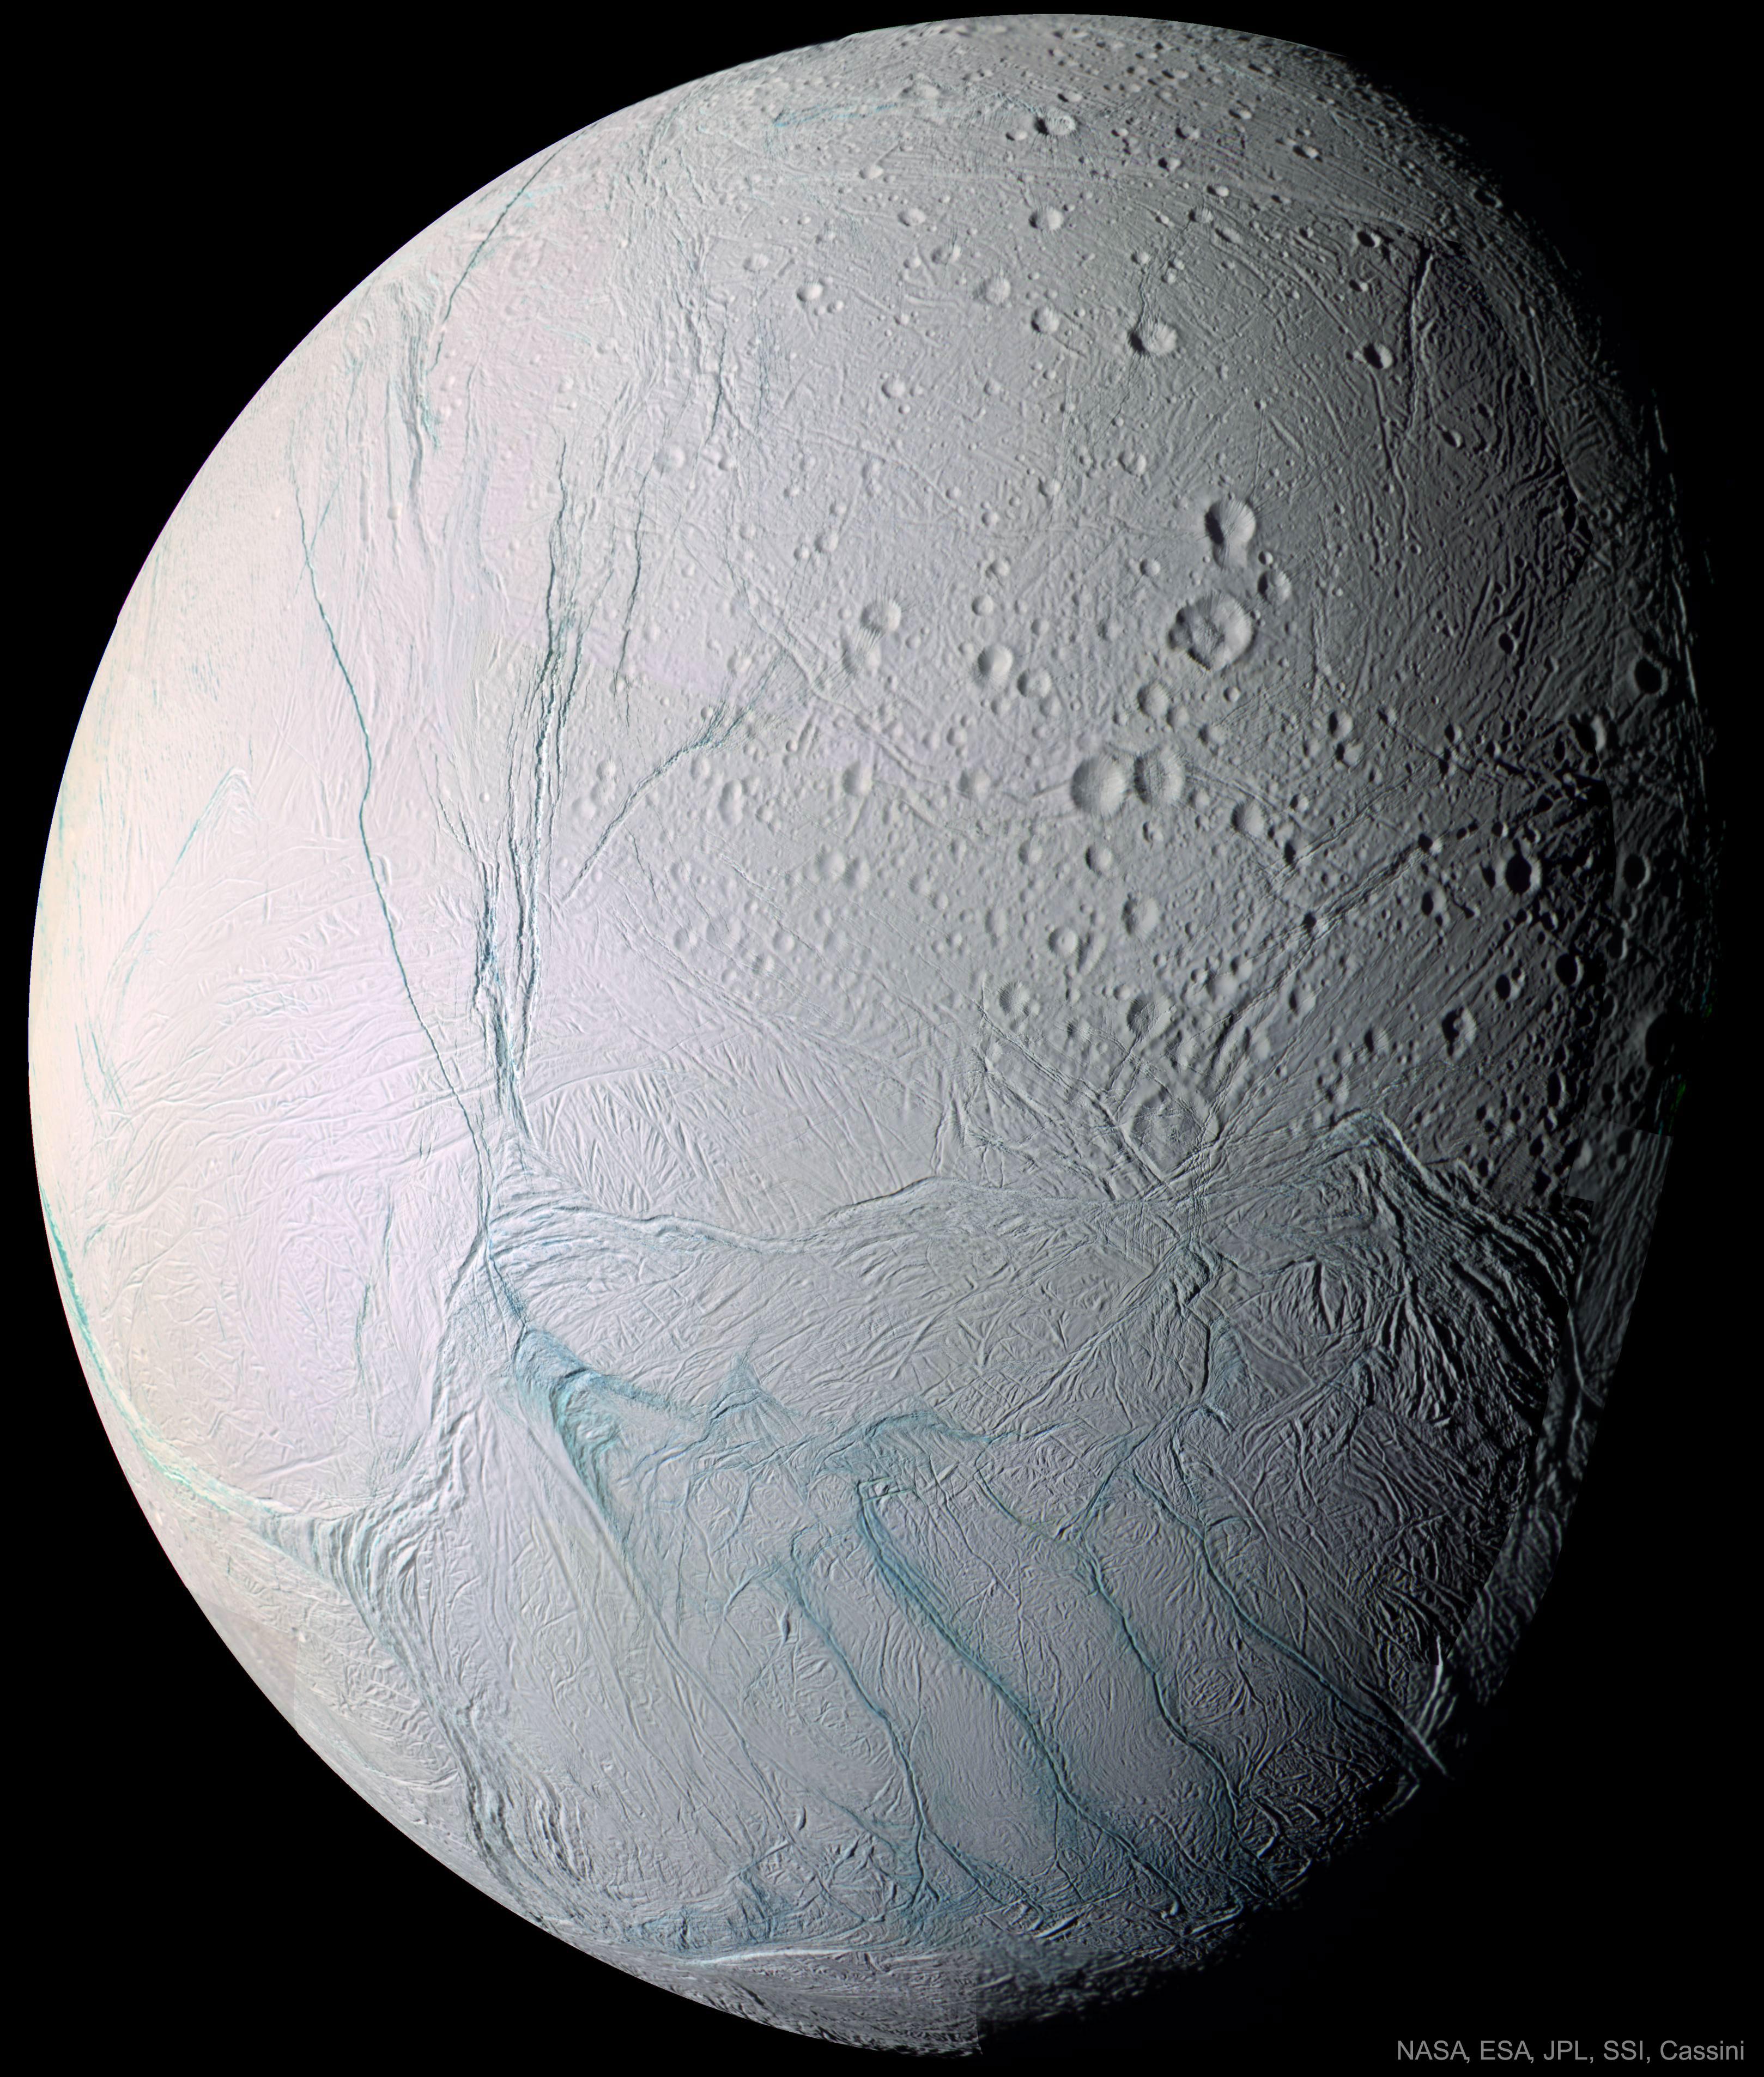 Molécules organiques complexes sur Encelade